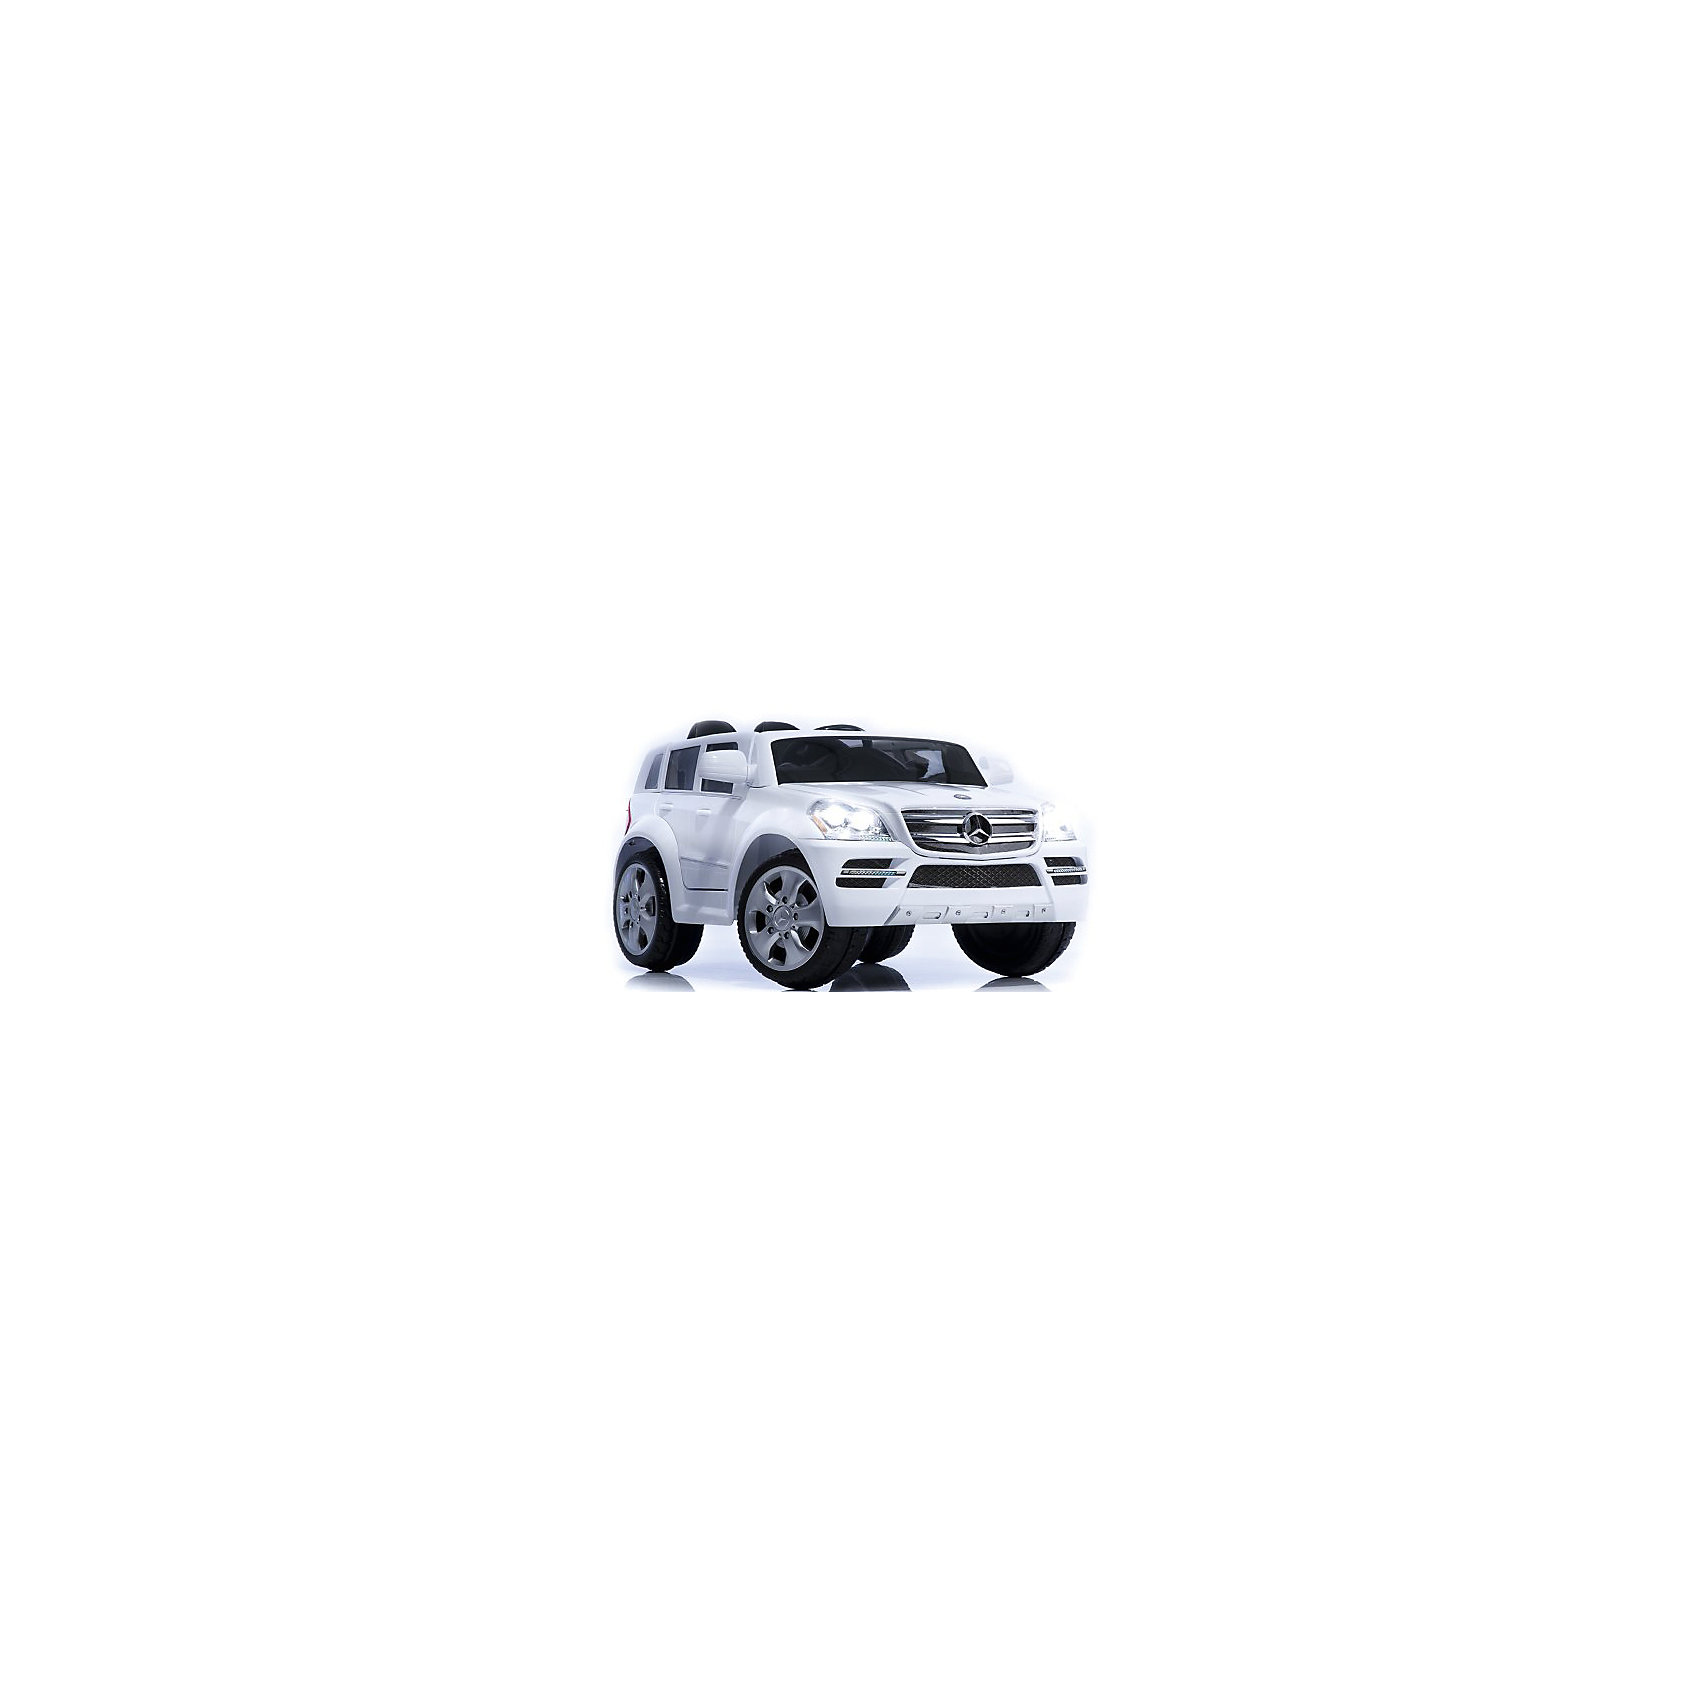 Электромобиль A06, Geoby, белыйЭлектромобили<br>Детский электромобиль Geoby Mercedes (Мерседес) W488Q очень похож на настоящий автомобиль Mercedes-Benz GL500. Им может управлять как ребенок с помощью руля, так и взрослый при помощи пульта дистанционного управления (ПДУ). С детским электромобилем Geoby Mercedes Ваш ребёнок может уверенно преодолевать препятствия и разгоняться до 3-4 км/час, а с помощью пульта дистанционного управления Вы можете, помогать своему ребёнку контролировать, движение машины, пока он не научится самостоятельно ею управлять.  <br>Особенности:<br>- подойдёт как мальчикам так и  девочкам.<br>- могут ездить два ребёнка.<br>- имеются ремни безопасности.<br>- управление электромобилем осуществляется при помощи многофункционального руля или пульта дистанционного управления.<br>- пульт дистанционного управления в комплекте.<br>- машина приводится в движение с помощью педали газа или нажатия кнопки на пульте дистанционного управления.<br>- для остановки необходимо просто отпустить педаль газа.<br>- может ездить вперёд и назад (переключение ручное или с помощью пульта дистанционного управления).<br>- уверенно и устойчиво преодолевает повороты.<br>- световые и звуковые эффекты есть.<br>- fm-радио на панели управления электромобиля с возможностью прослушивания mp3.<br>- есть лобовое стекло и зеркала заднего вида.<br>- развивает скорость 3-4 км/ч.<br>- аккумулятор и зарядное устройство в комплекте.<br>- высота/ширина/длина – 57*69*112 см.<br><br>Электромобиль A06,торговой марки  Geoby, можно купить в нашем интернет-магазине.<br><br>Ширина мм: 640<br>Глубина мм: 475<br>Высота мм: 1140<br>Вес г: 22800<br>Возраст от месяцев: 24<br>Возраст до месяцев: 84<br>Пол: Унисекс<br>Возраст: Детский<br>SKU: 4975816